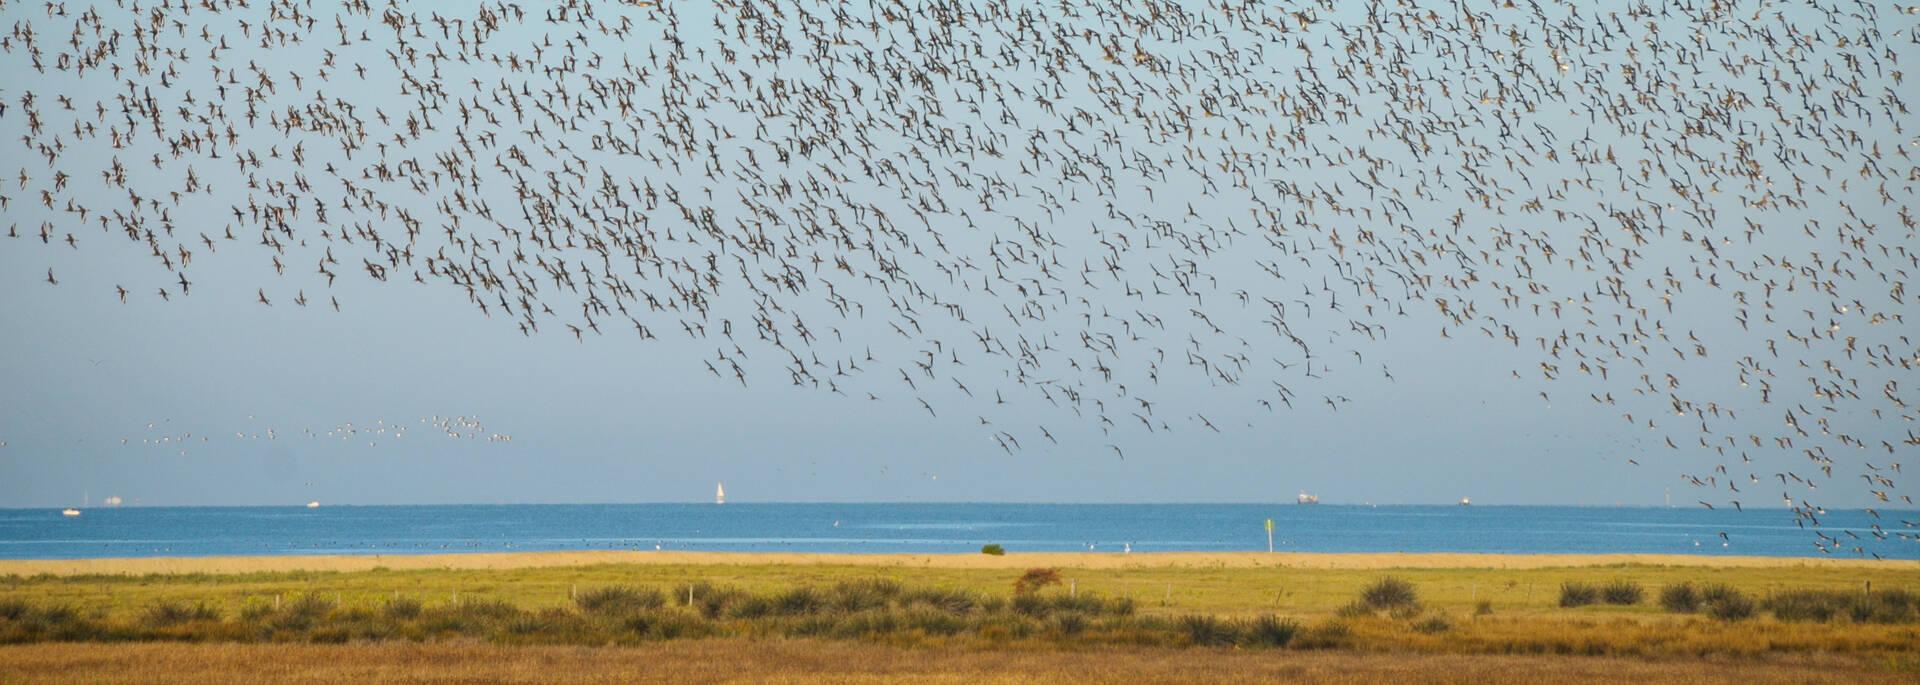 Nuée d'oiseaux au dessus de la réserve d'Yves - © Marie-Laure Cayatte